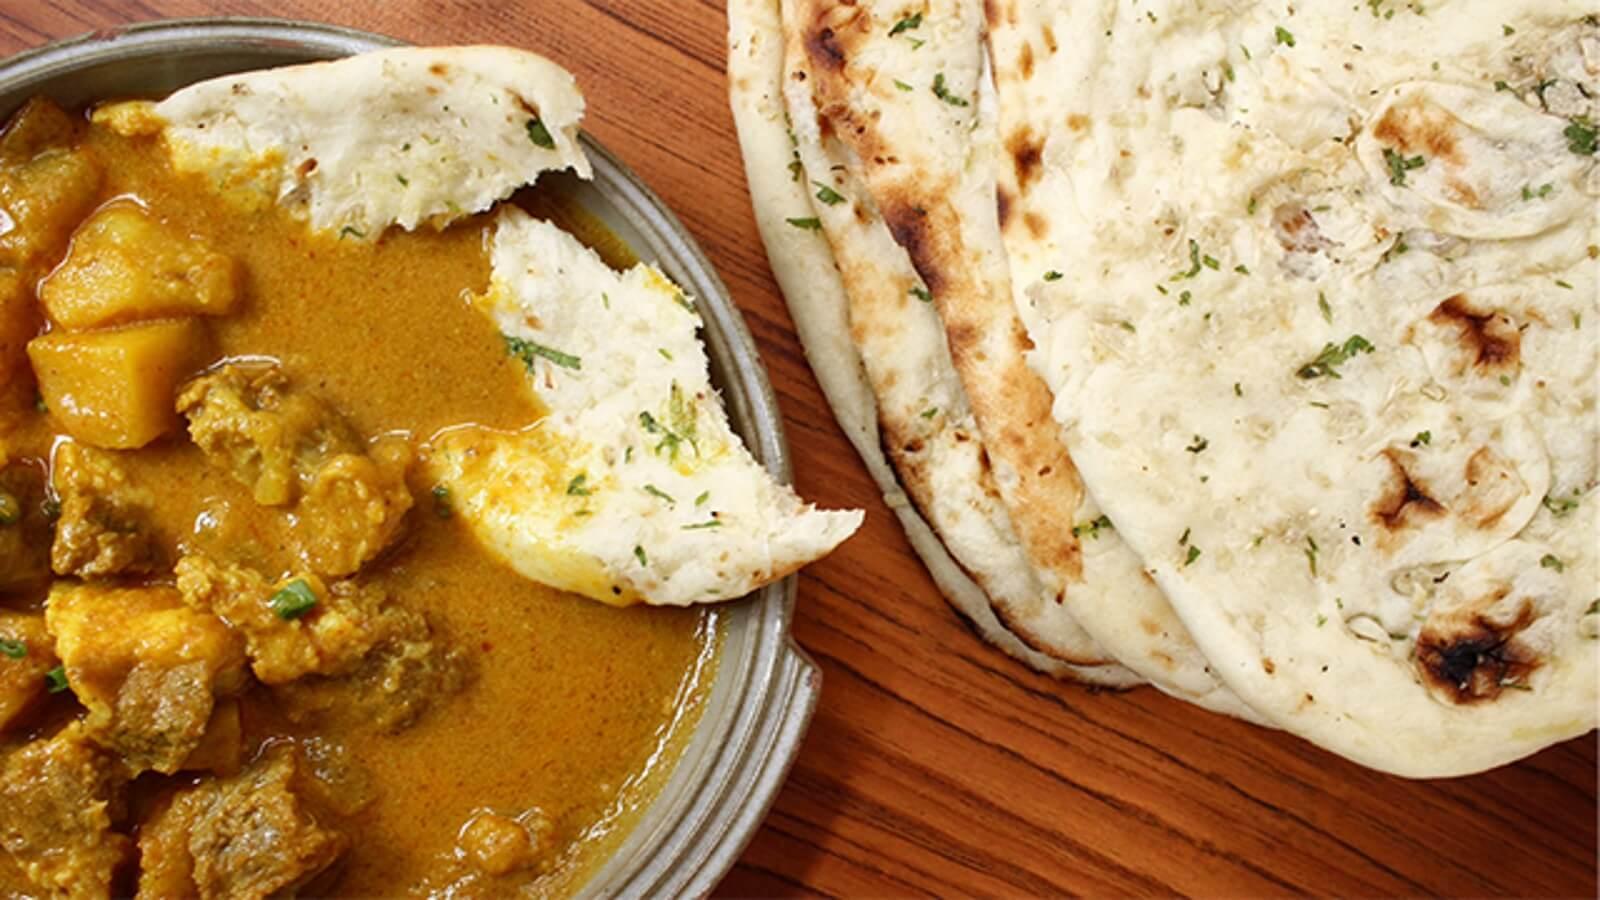 Sitar Authentic Indian Cuisine